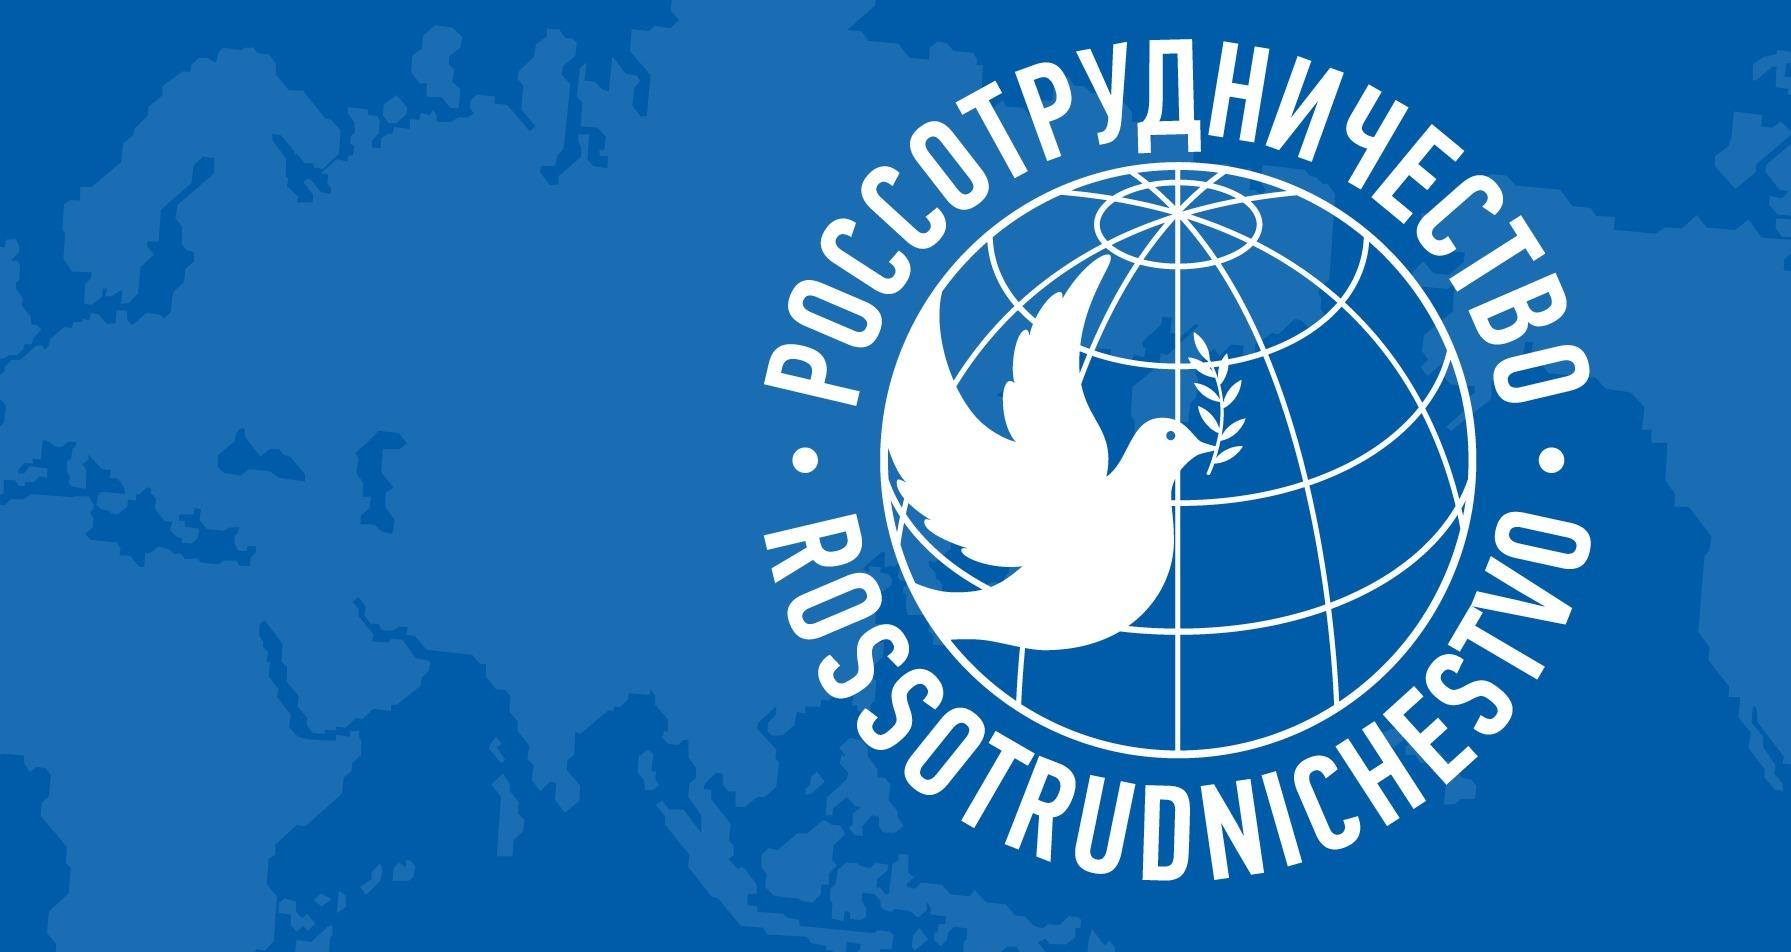 Россотрудничество получило второе название – «Русский дом»